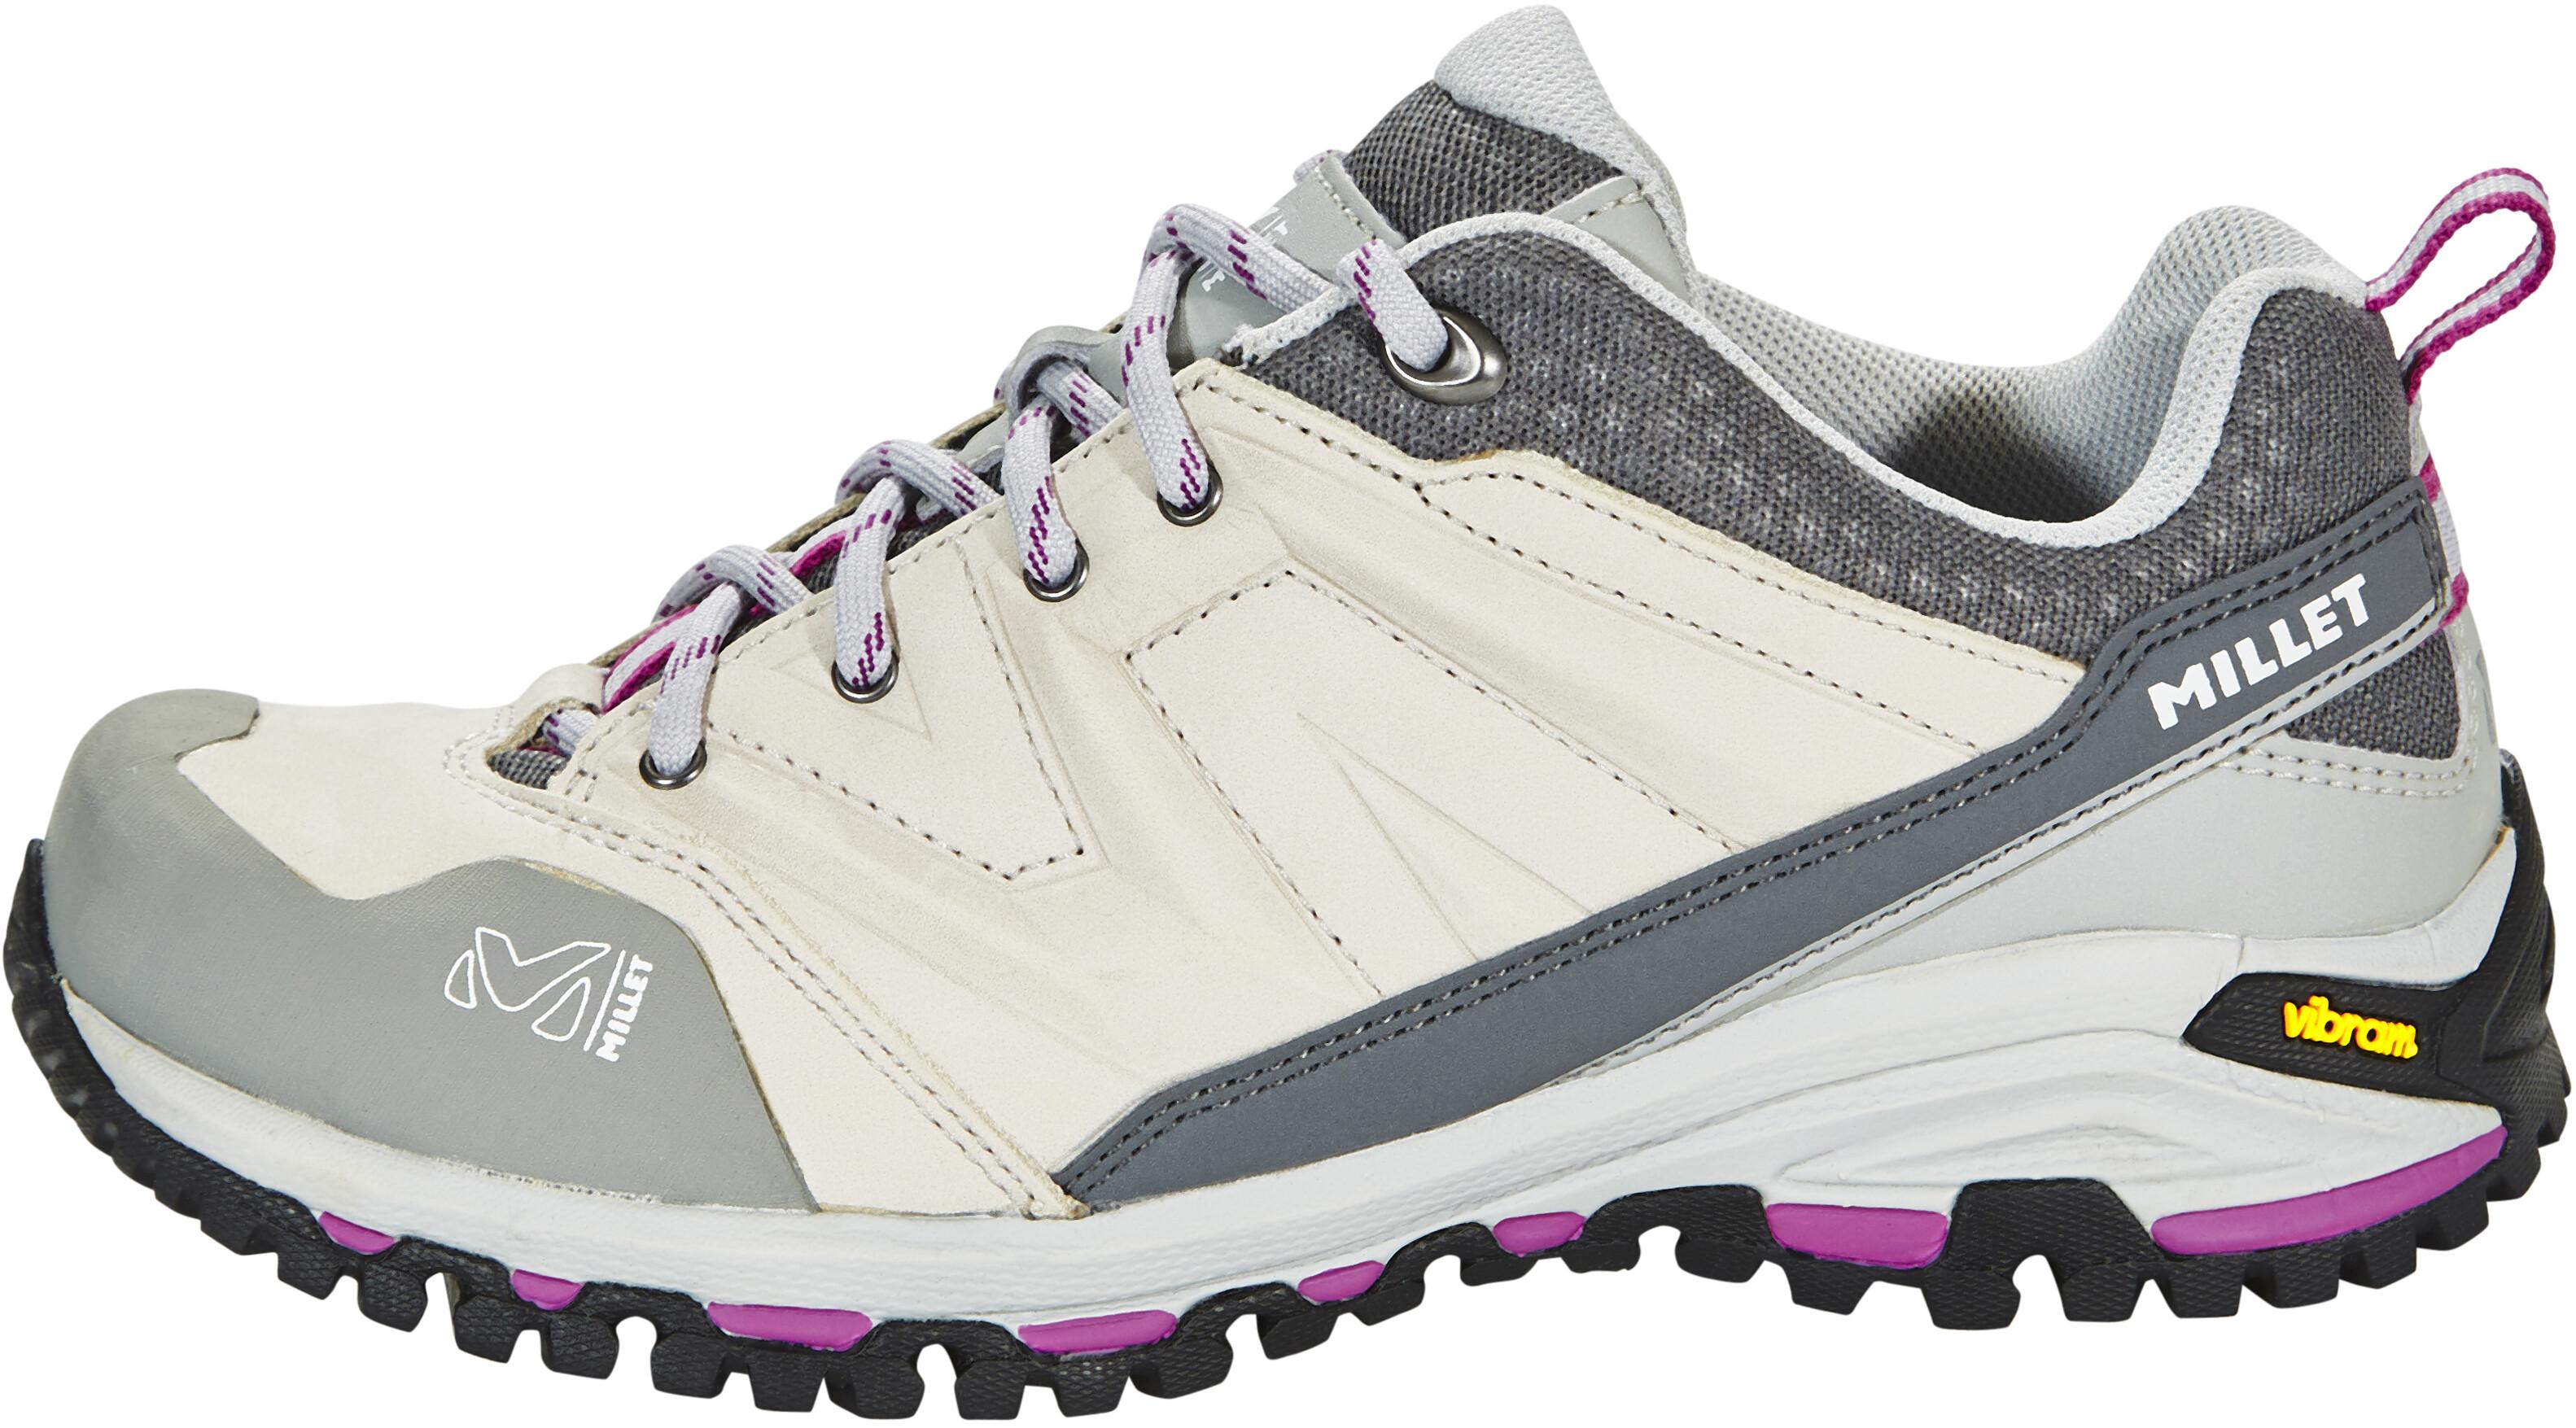 8765c1800cffd0 Millet Hike Up - Chaussures Femme - gris sur CAMPZ !